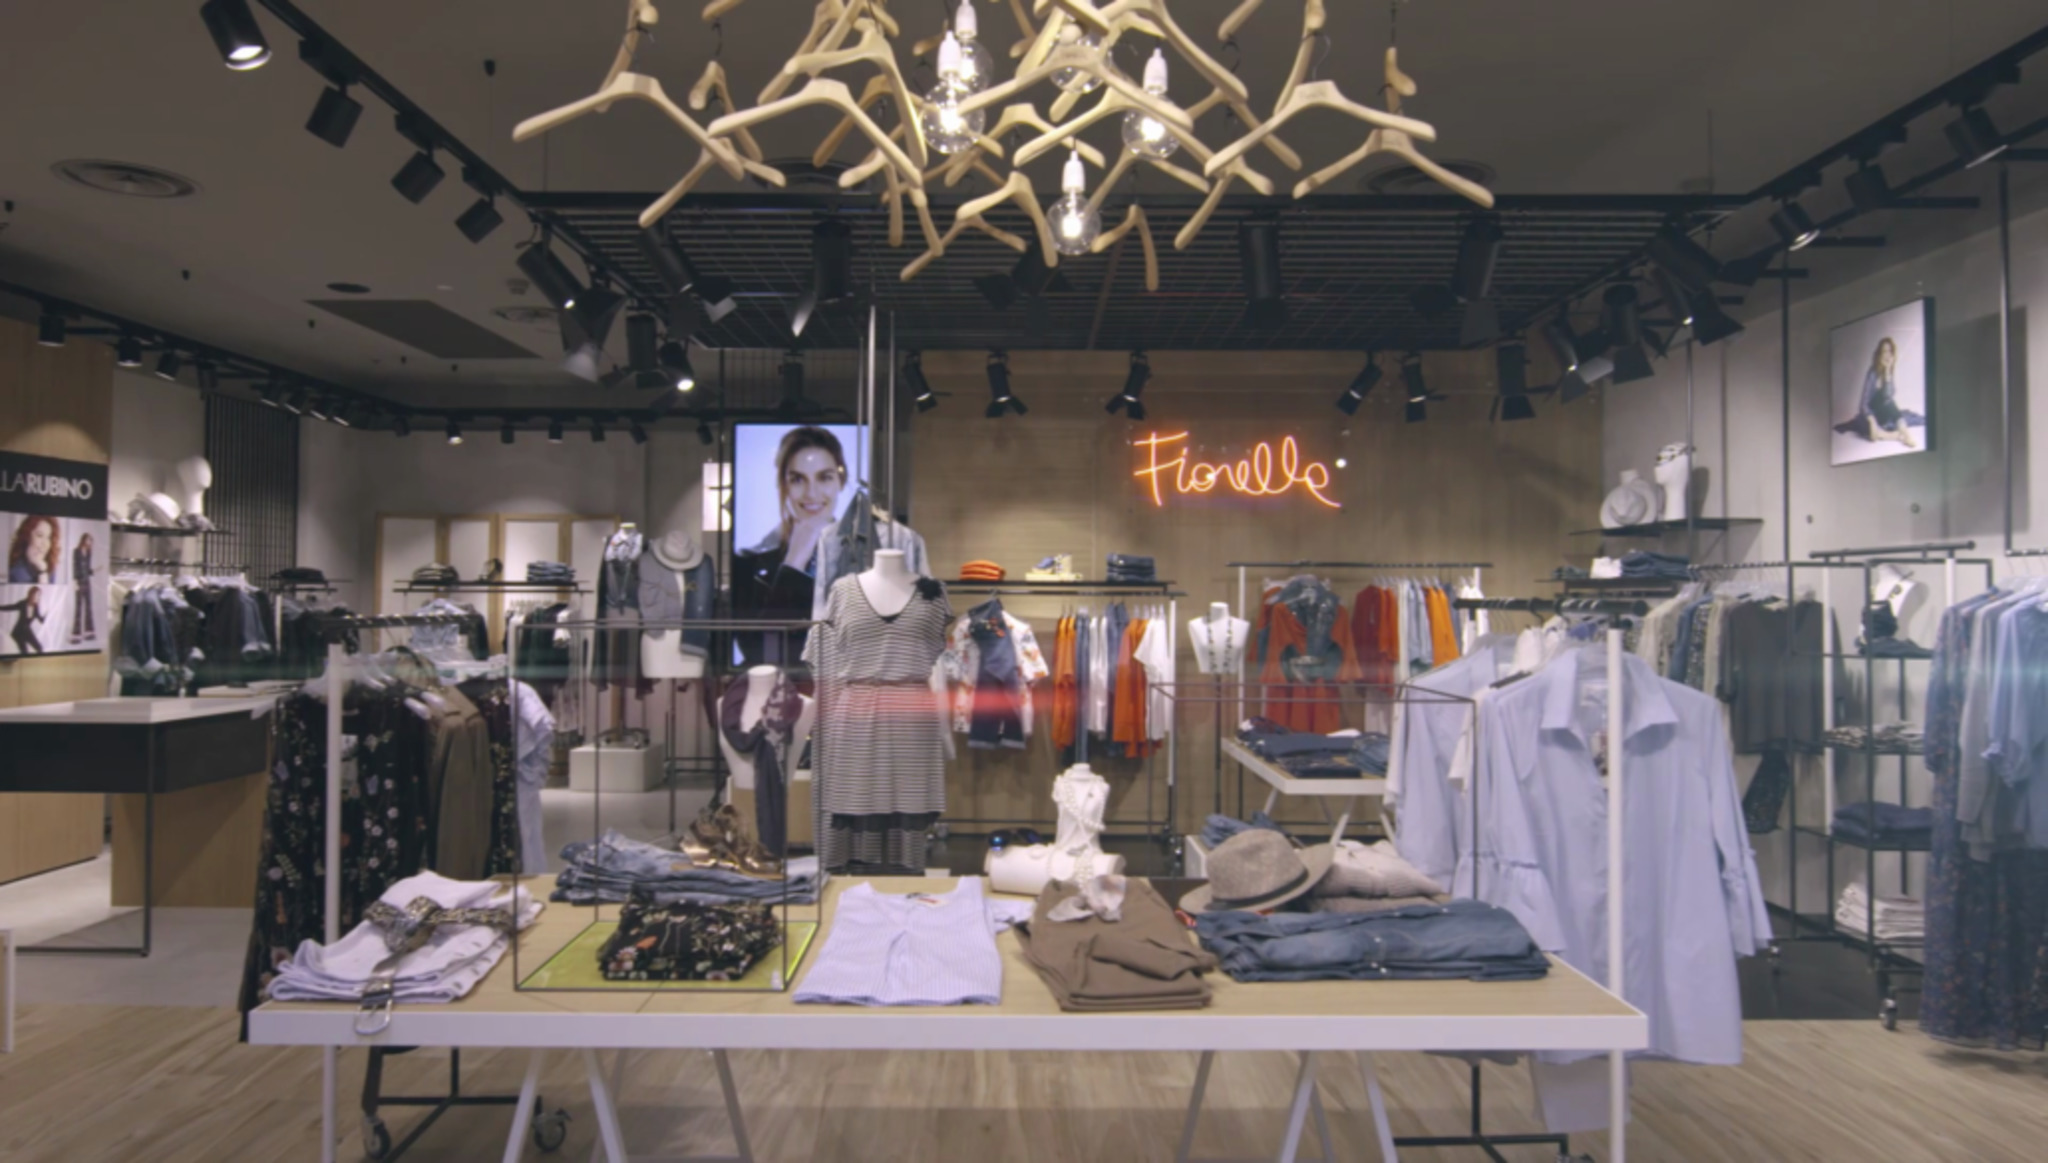 Fiorella Rubino store front